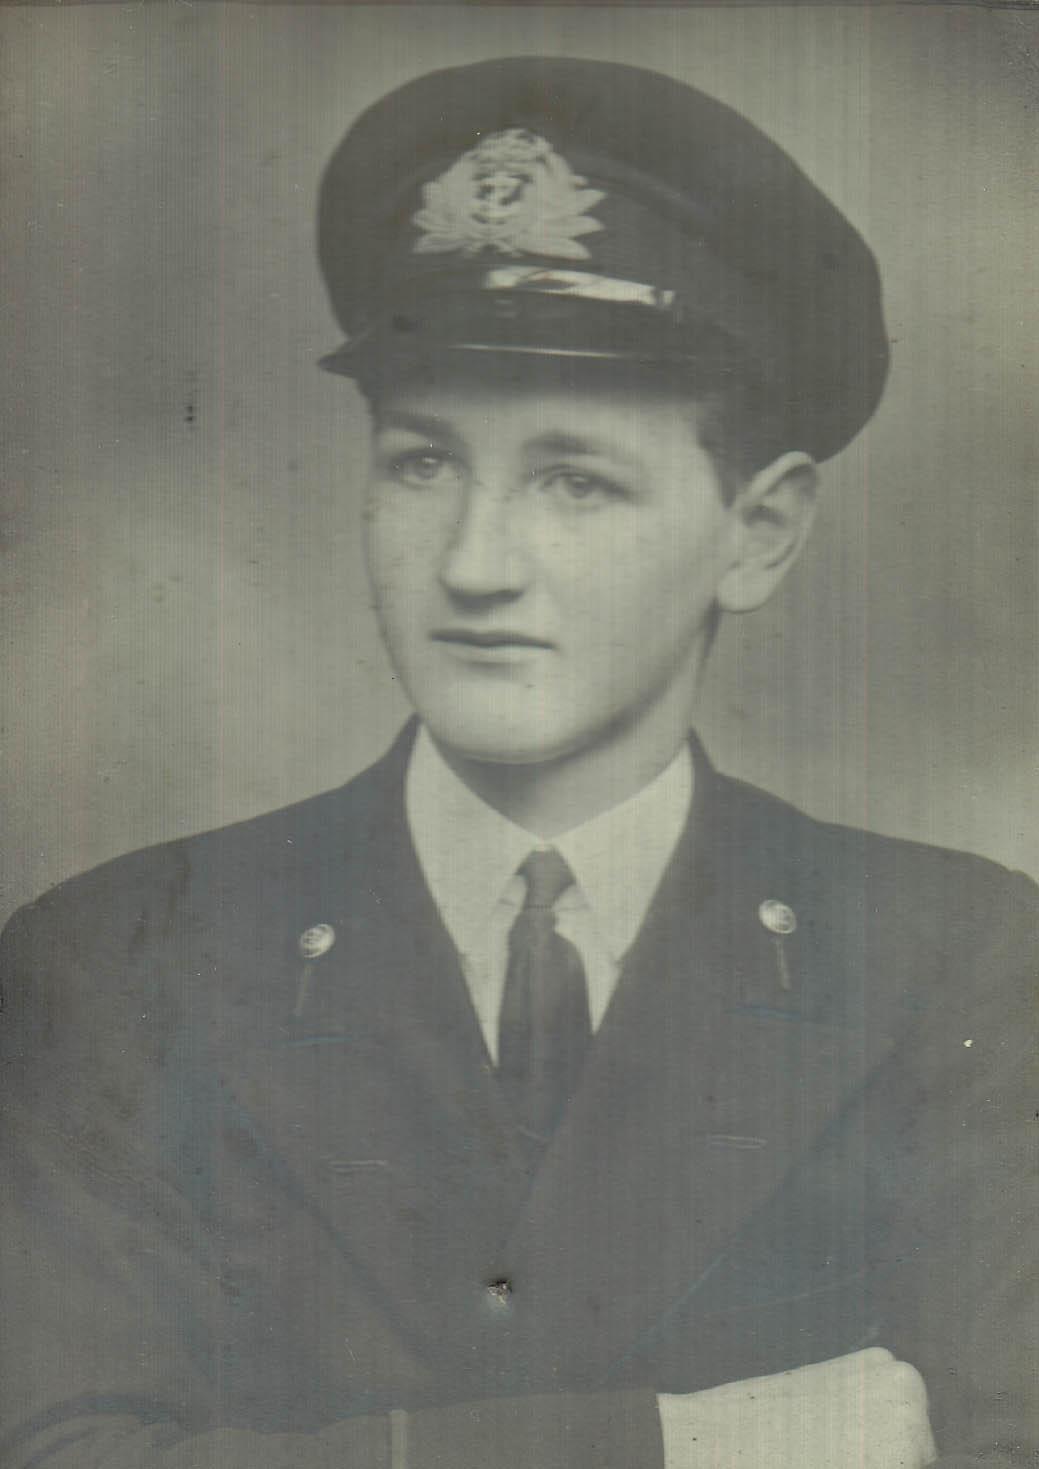 Photo of John Mackelvie in uniform, 1945.